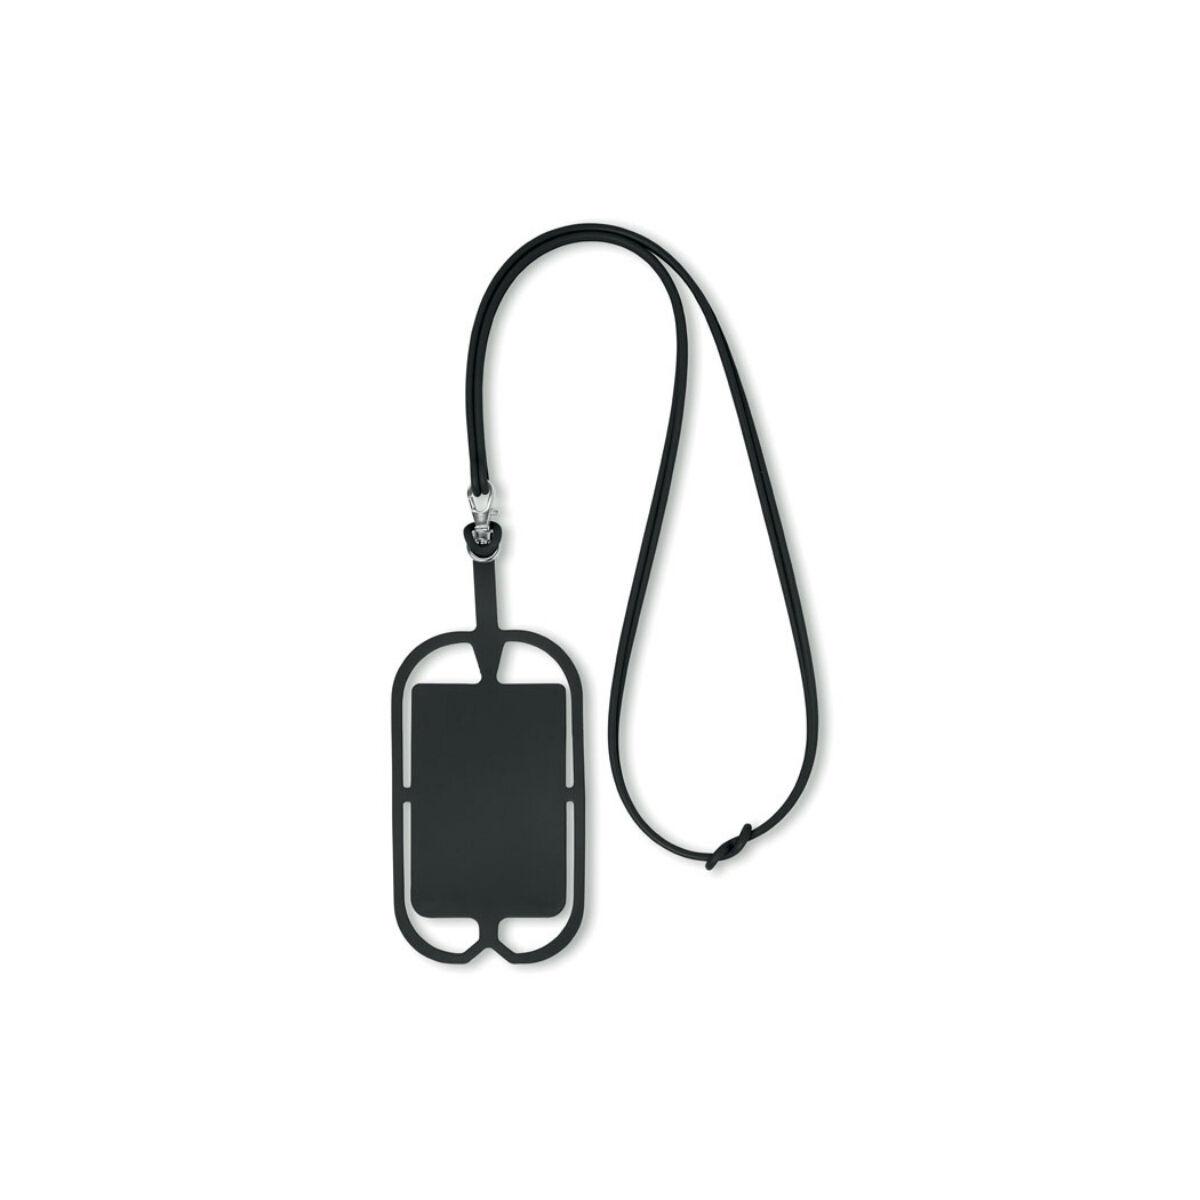 Smartphone Holder and Hanger (Black)